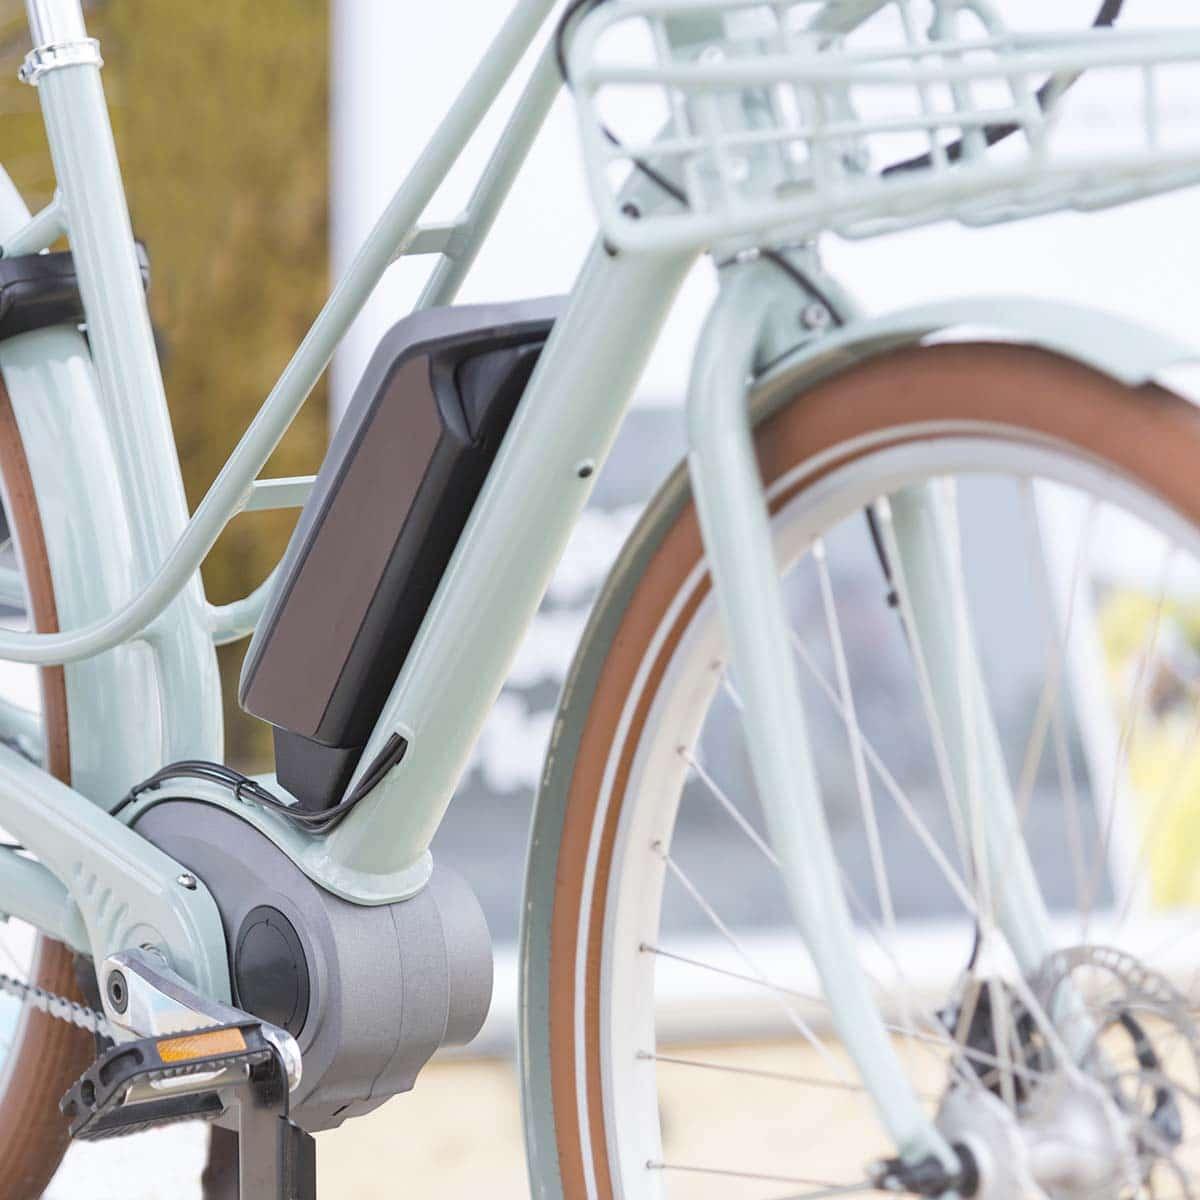 Lastenräder Projekt e-Mobilität Fahrradstadt Förderung Förderprogramm Lastenräder Lastenfahrrad Fahrrad Transportbox Mobilität Verkehr Umwelt City Fuggerstadt PRO AUGSBURG Fraktion Stadtrat Antrag